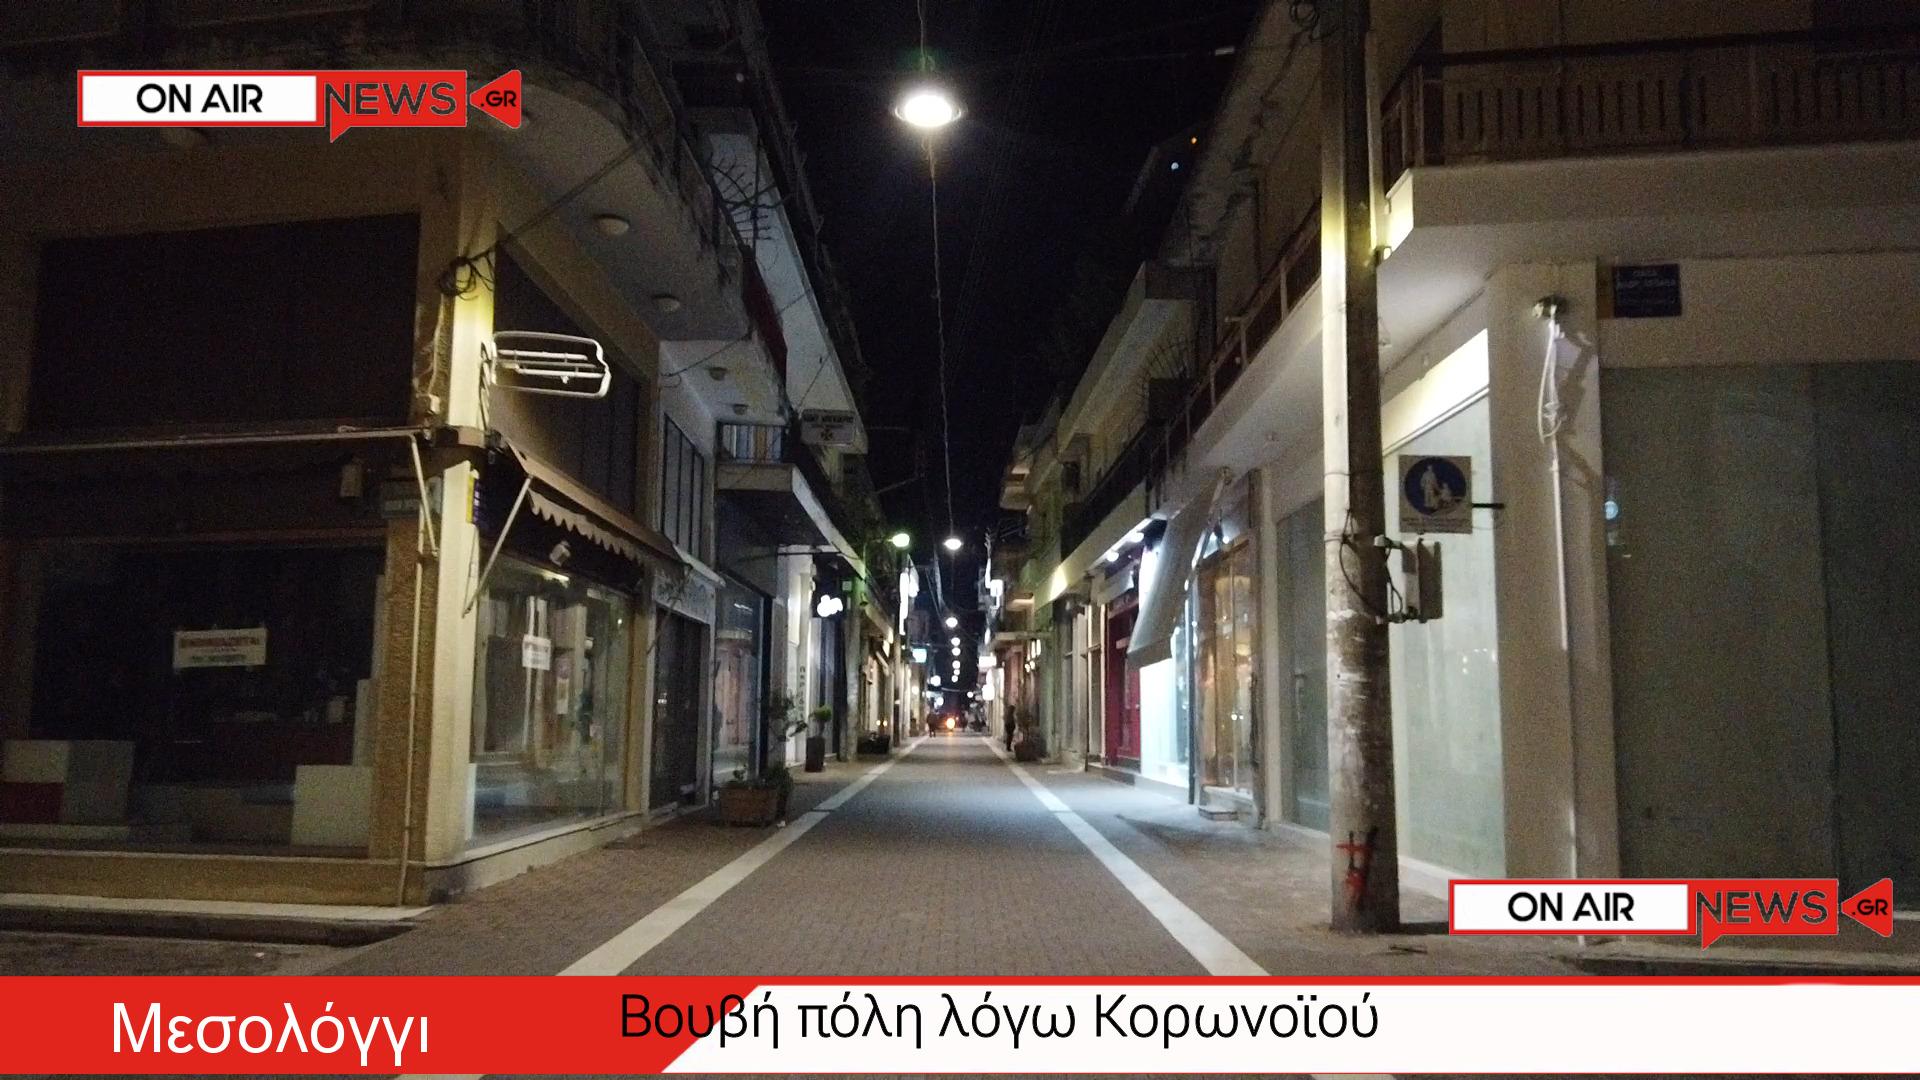 Βίντεο: Βουβή πόλη το Μεσολόγγι